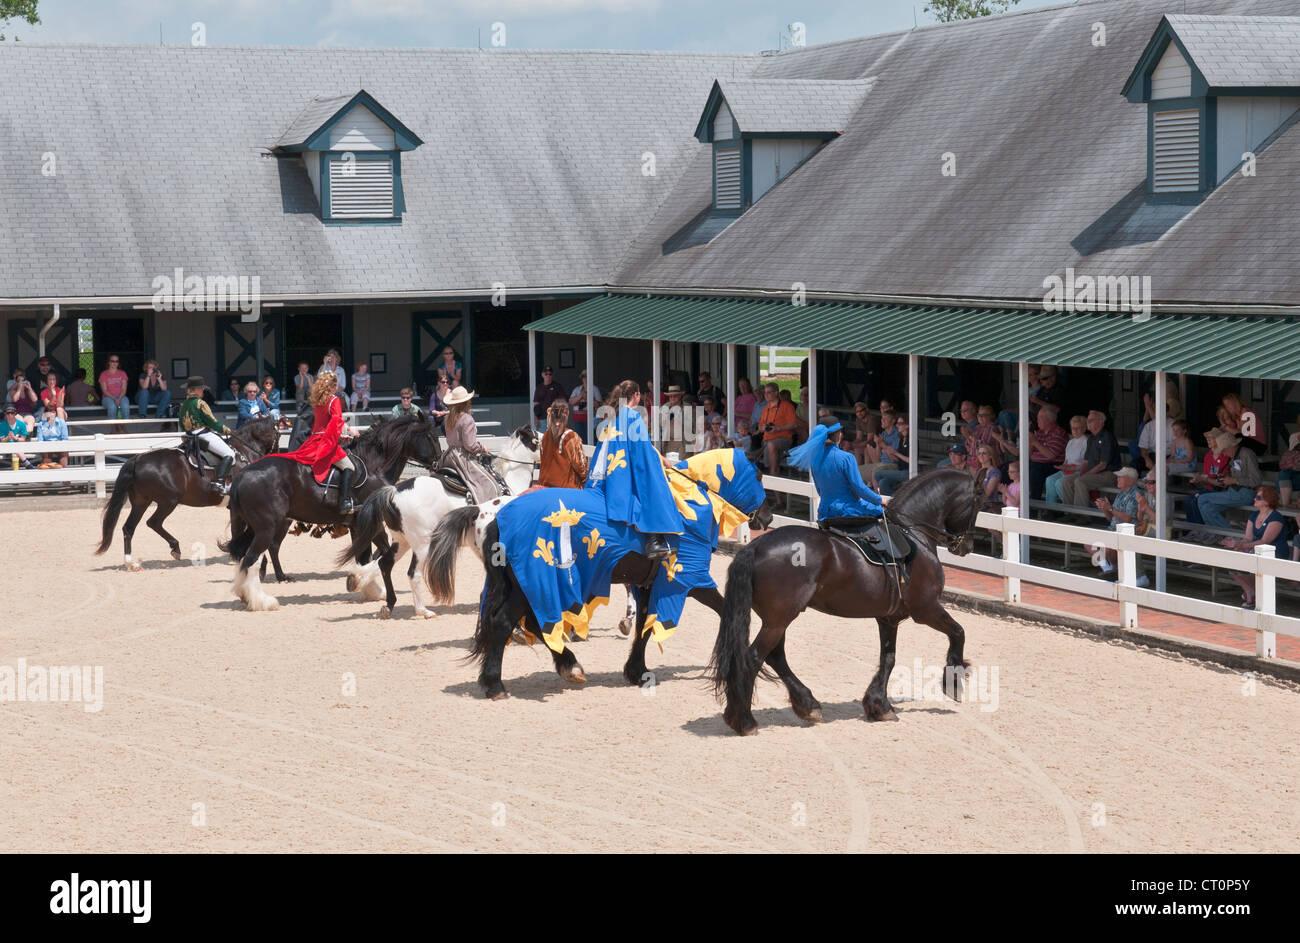 Kentucky, Lexington, Kentucky Horse Park, The National Horse Center